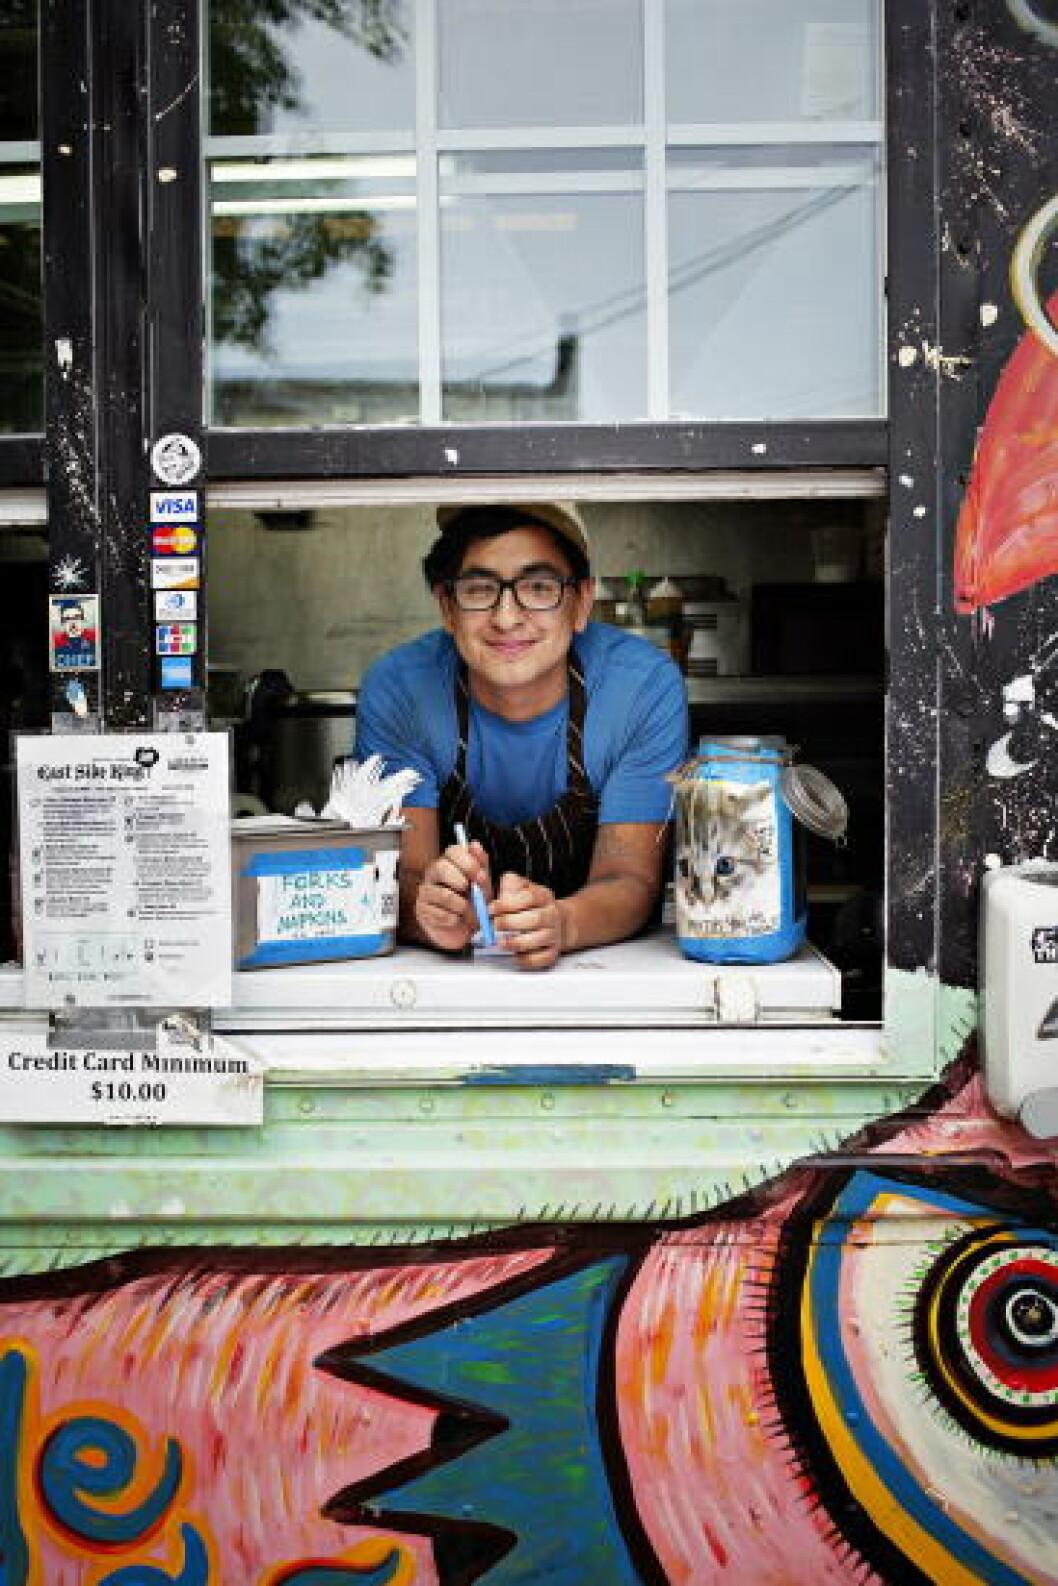 EN AV DE BESTE: Kokk og daglig leder for gatekjøkkenet East Side King, Nicholas Luiva.Foto: JO STRAUBE